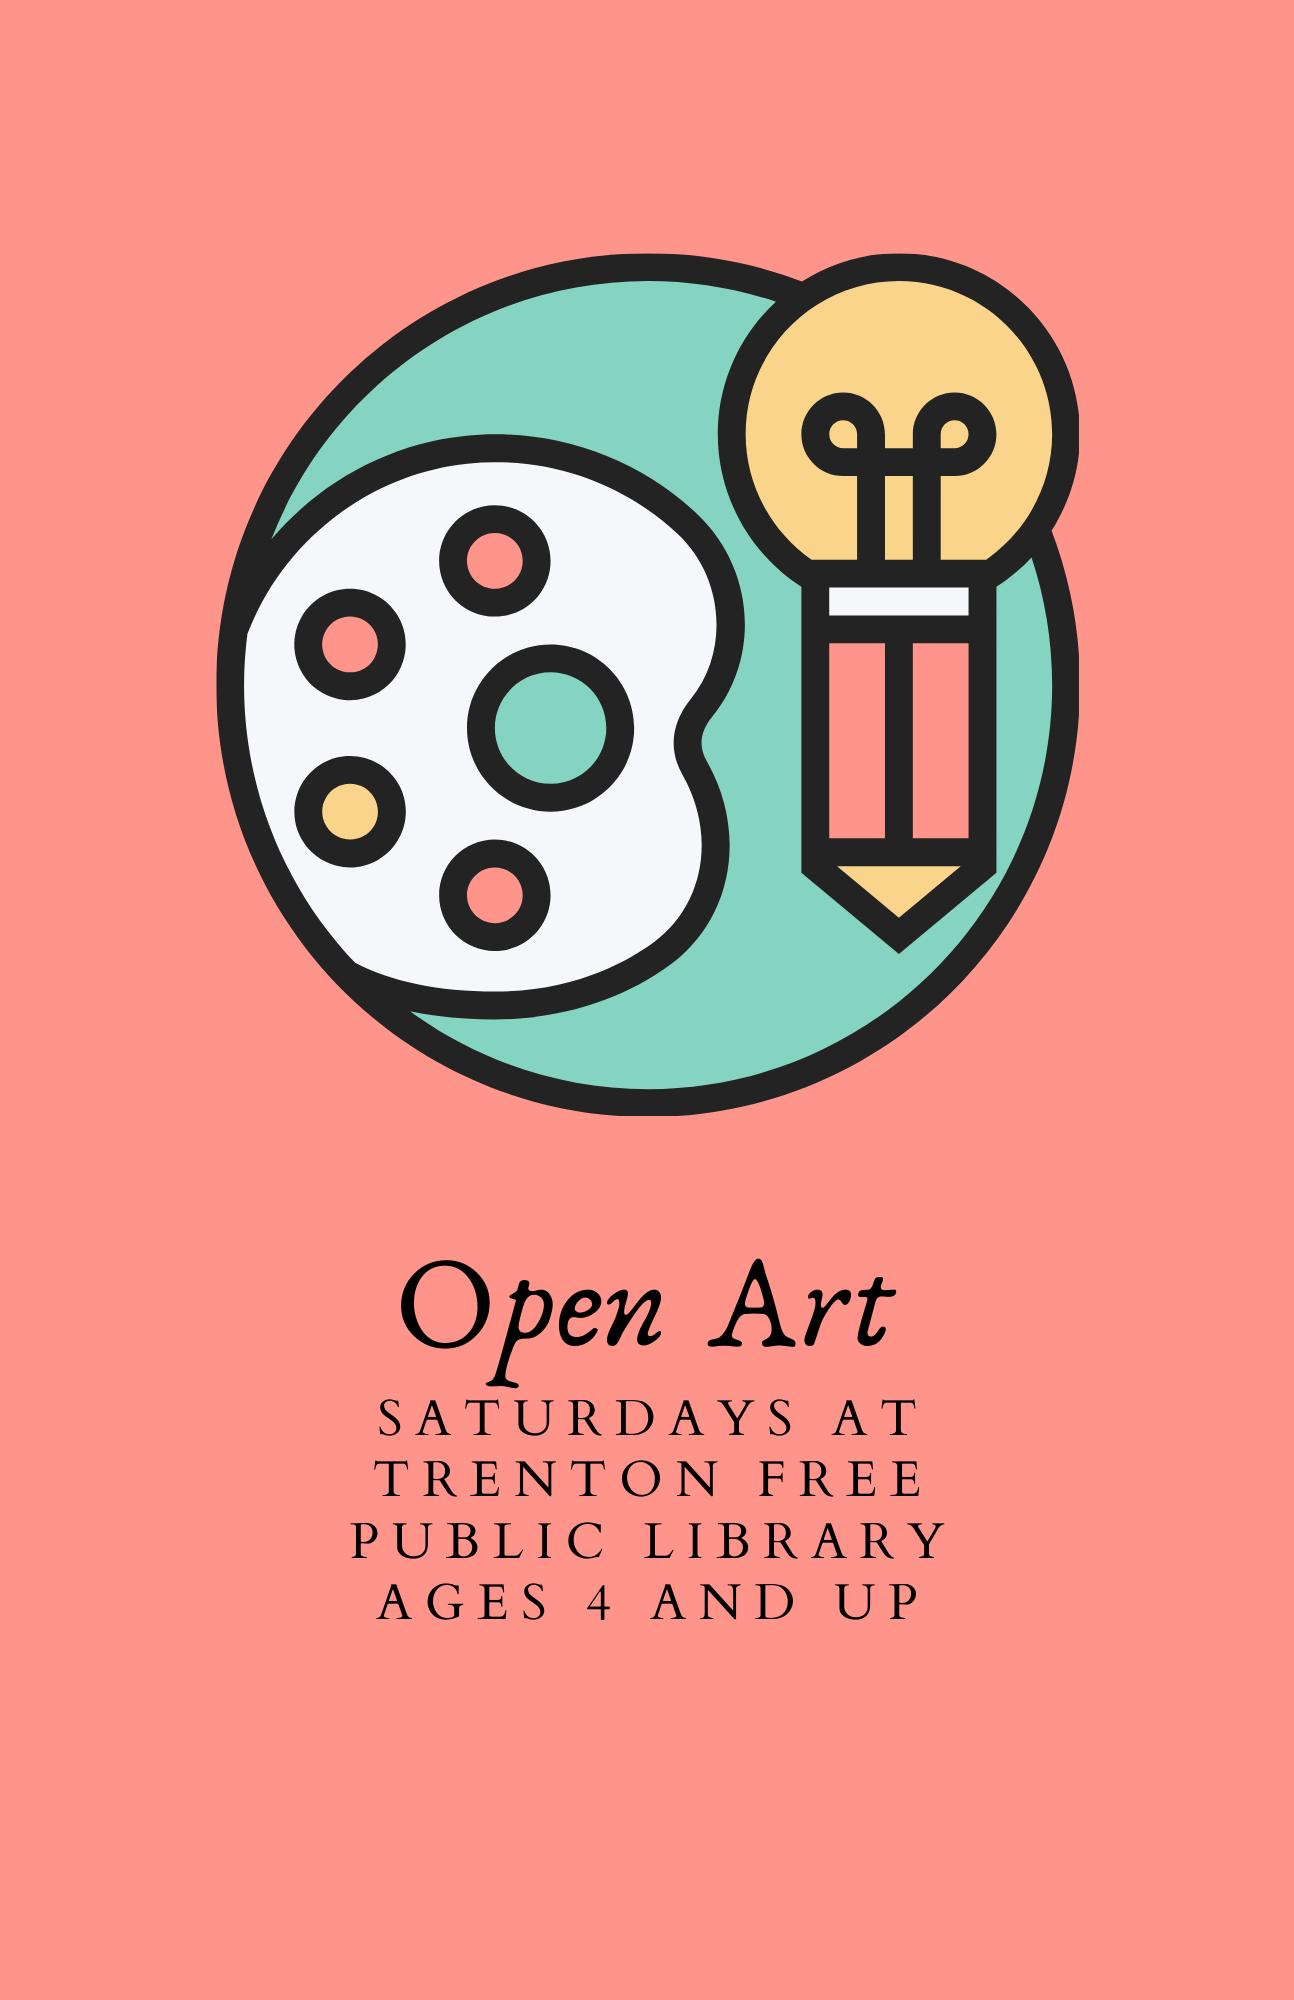 Open Art for Kids